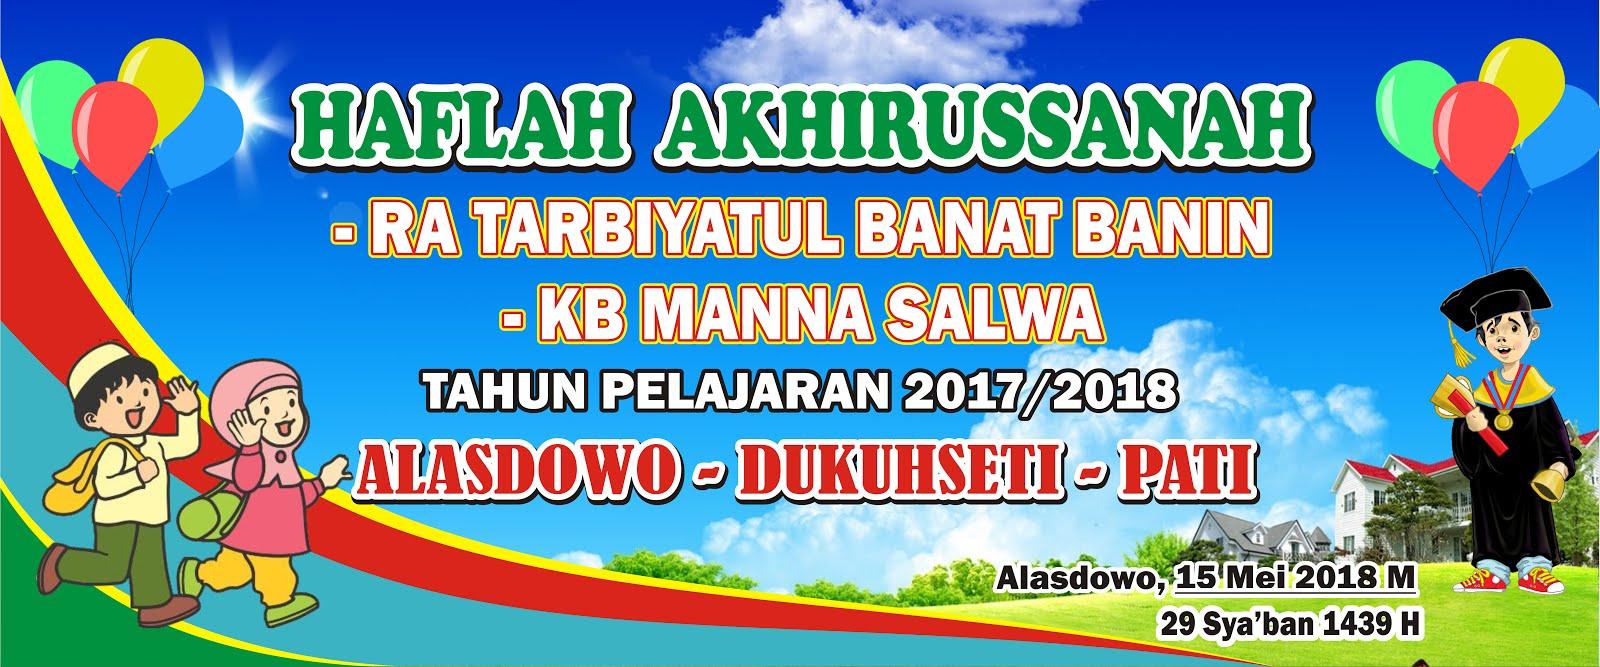 Contoh Banner Perpisahan Pelepasan Siswa